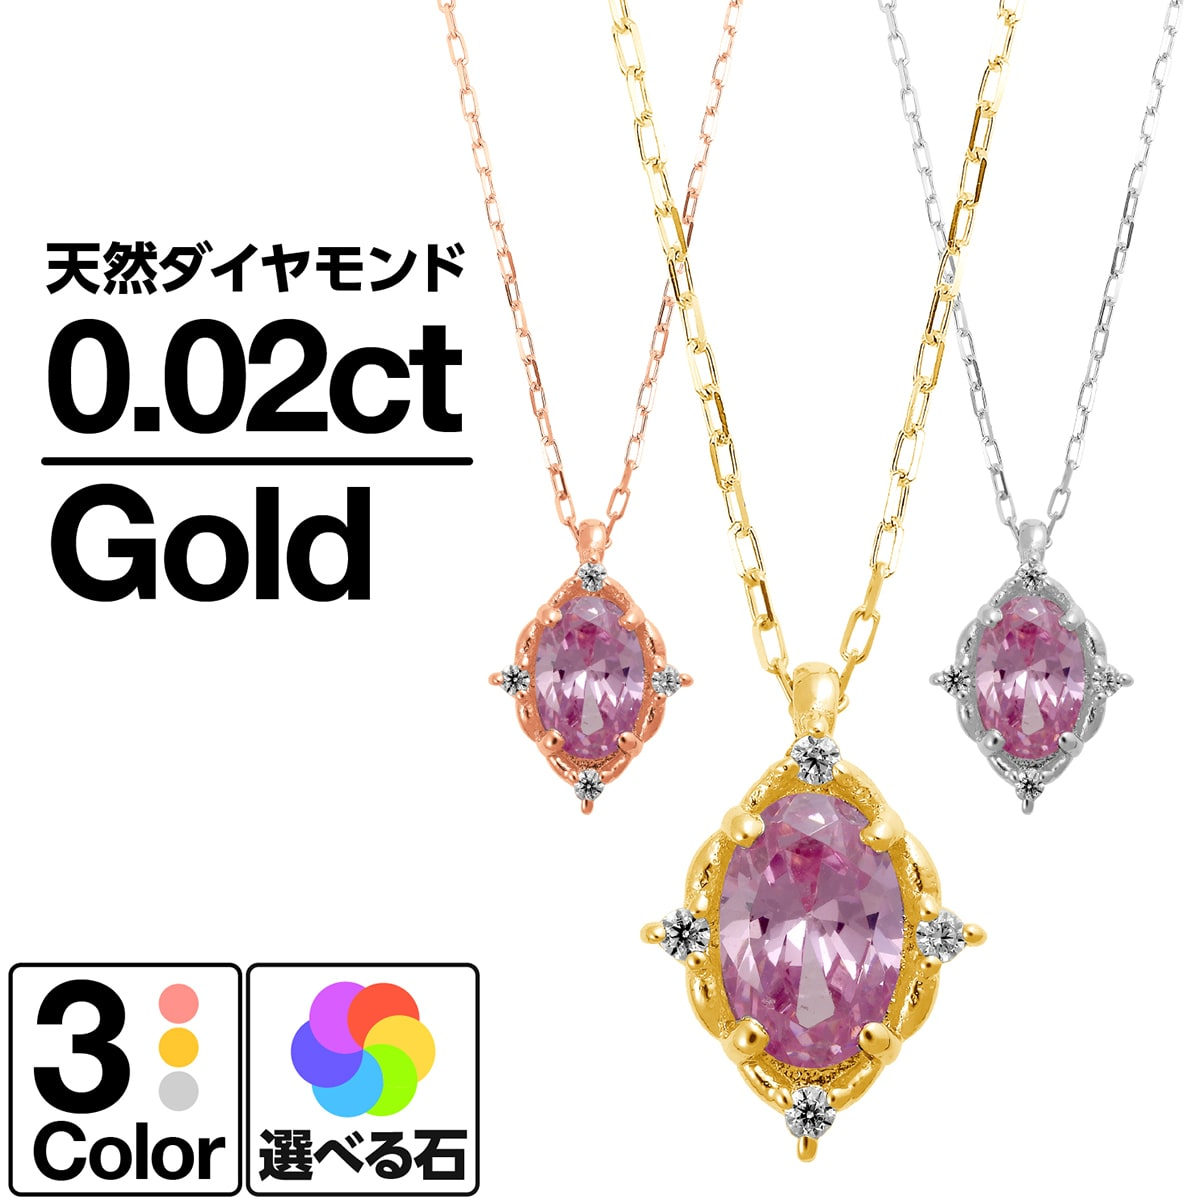 ネックレス k10 選べるカラーストーン イエローゴールド/ホワイトゴールド/ピンクゴールド 品質保証書 金属アレルギー 日本製 誕生日 ギフト